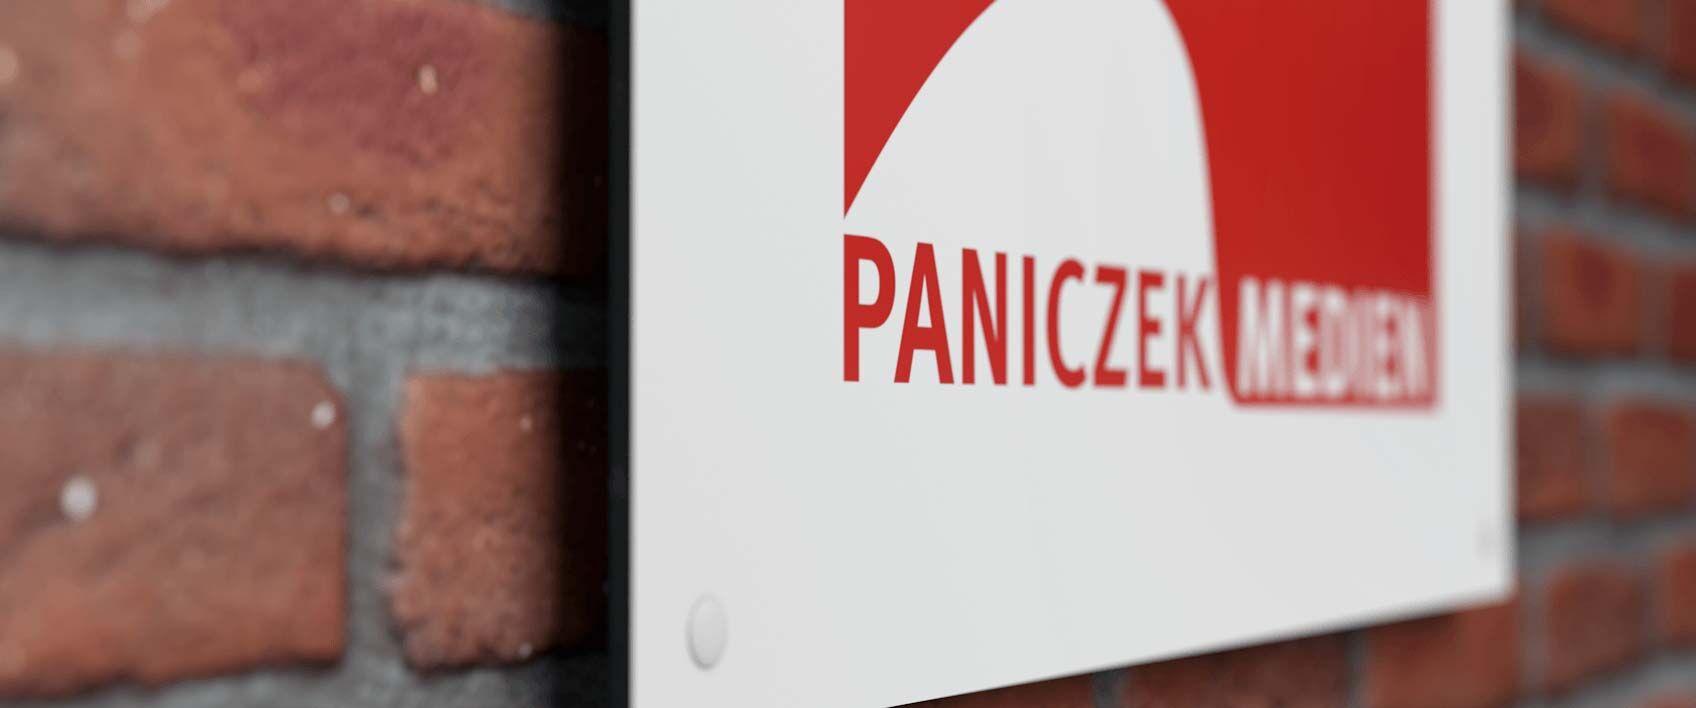 Über die Druckerei Paniczek in Krefeld